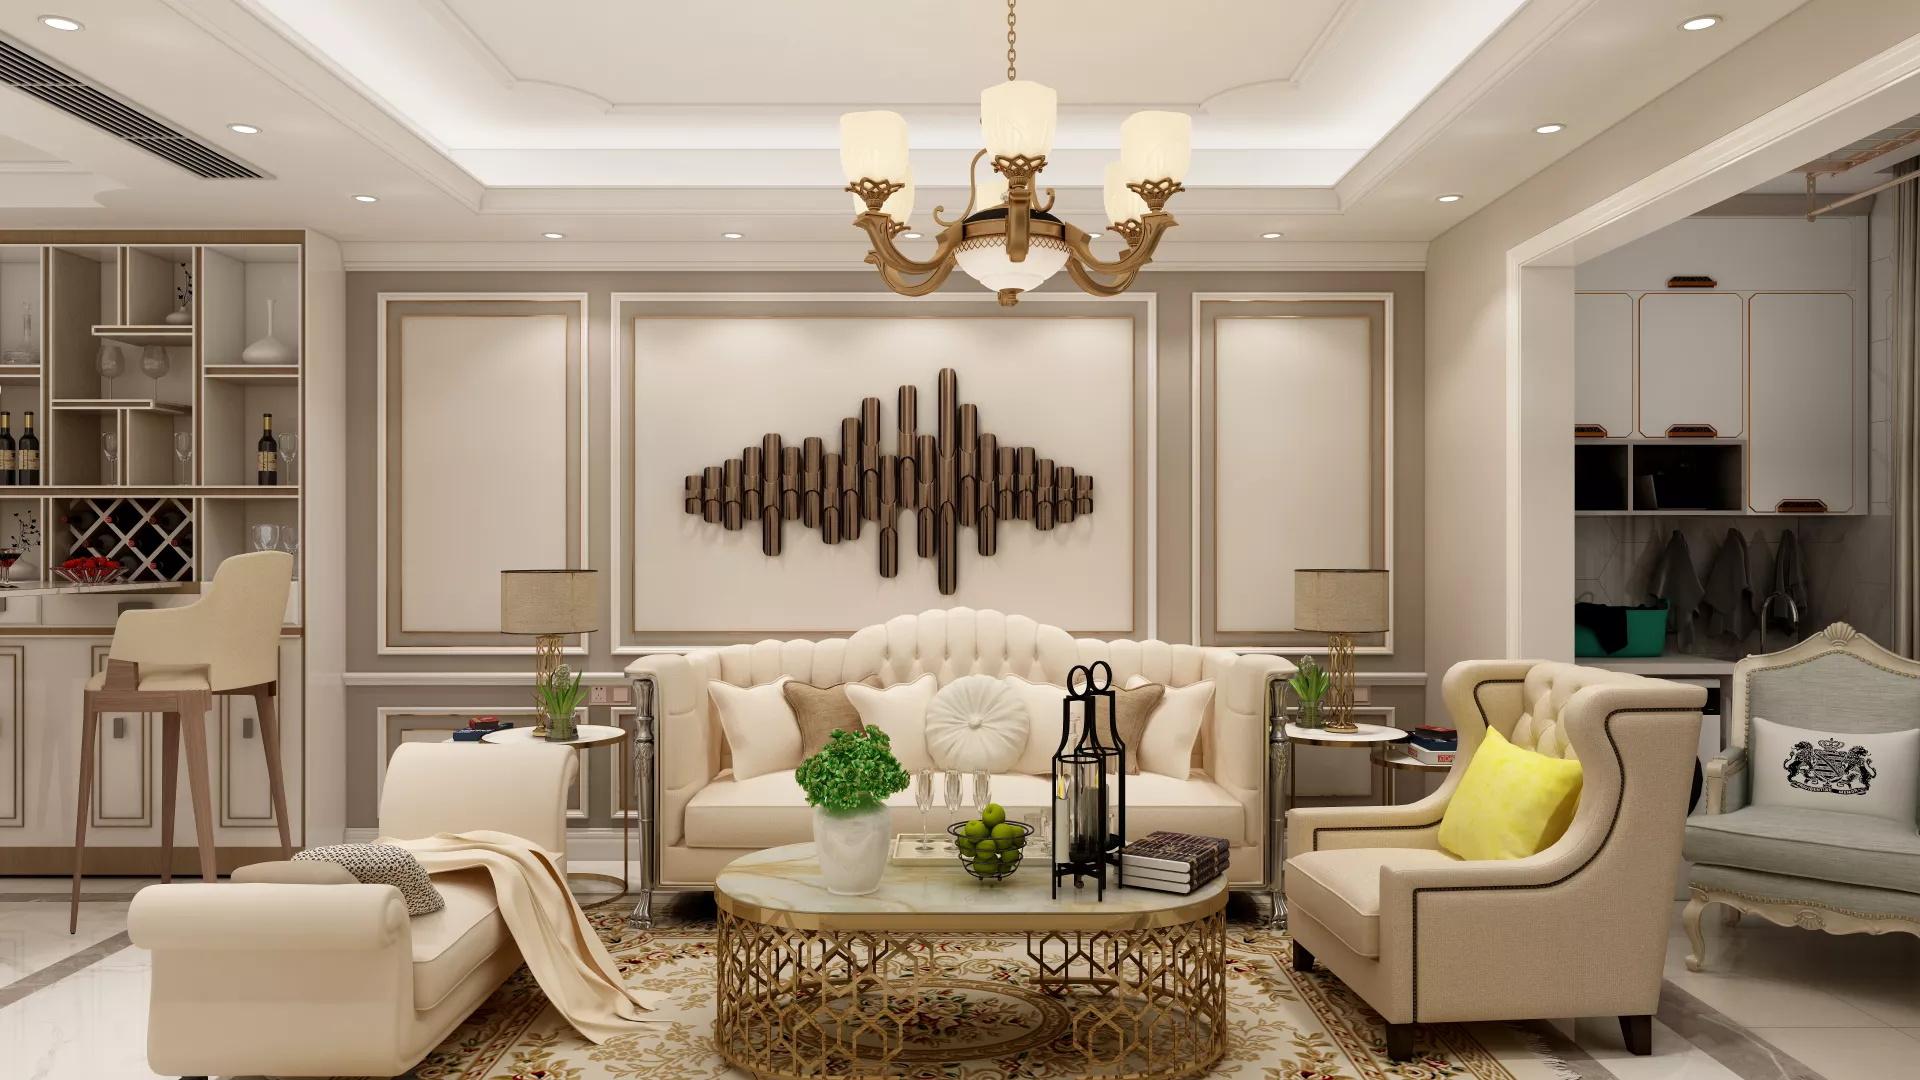 地中海风格乐活温馨客厅装修效果图